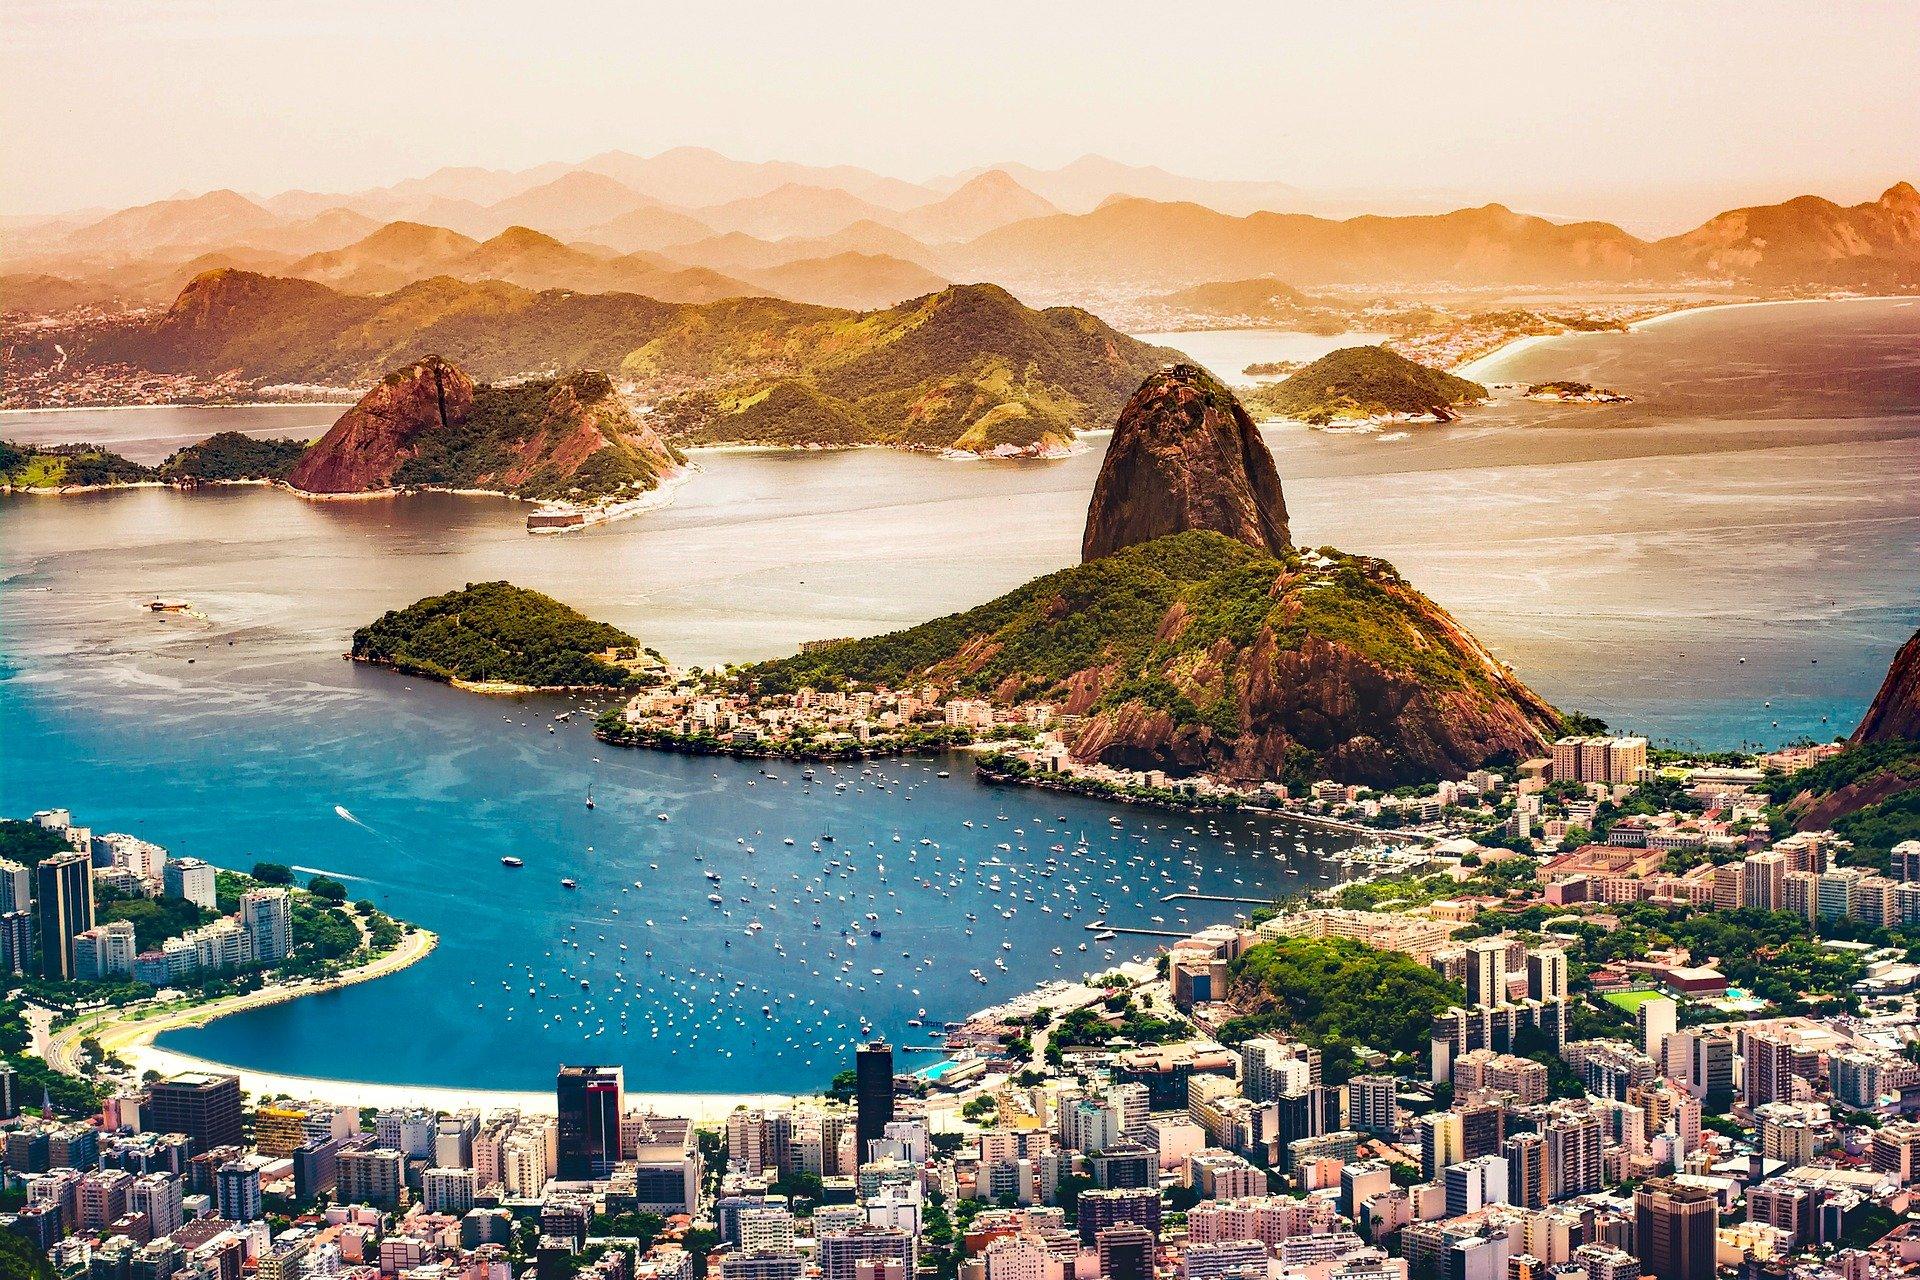 Петте места в Южна Америка, които да посетим през 2015 година